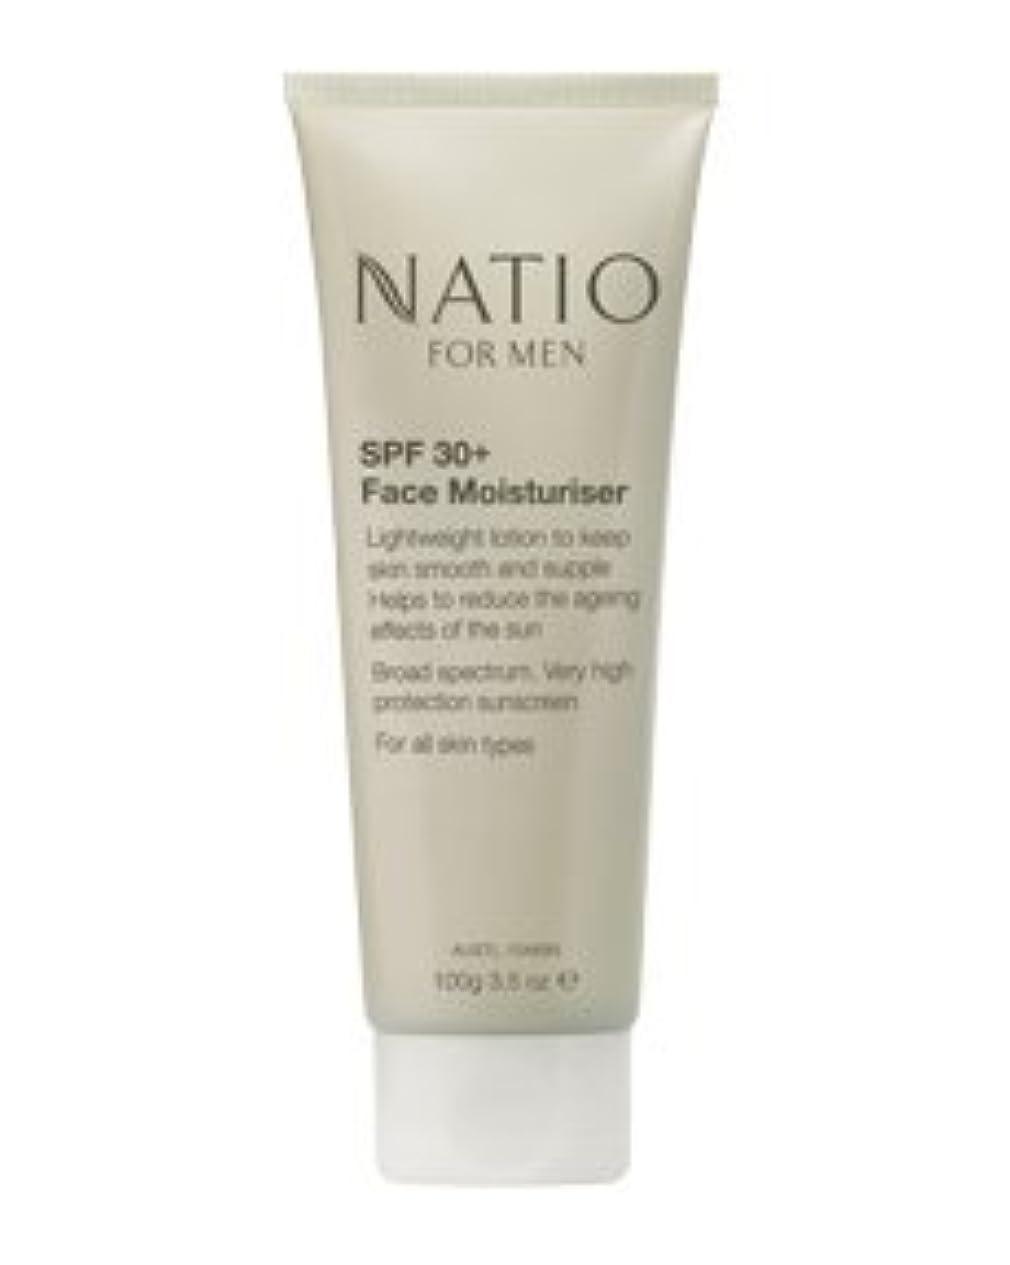 迷路ようこそ先例【NATIO FOR MEN SPF 30+ Face Moisturiser】 ナティオ  SPF 30+ フェイス モイスチャライザー [海外直送品]